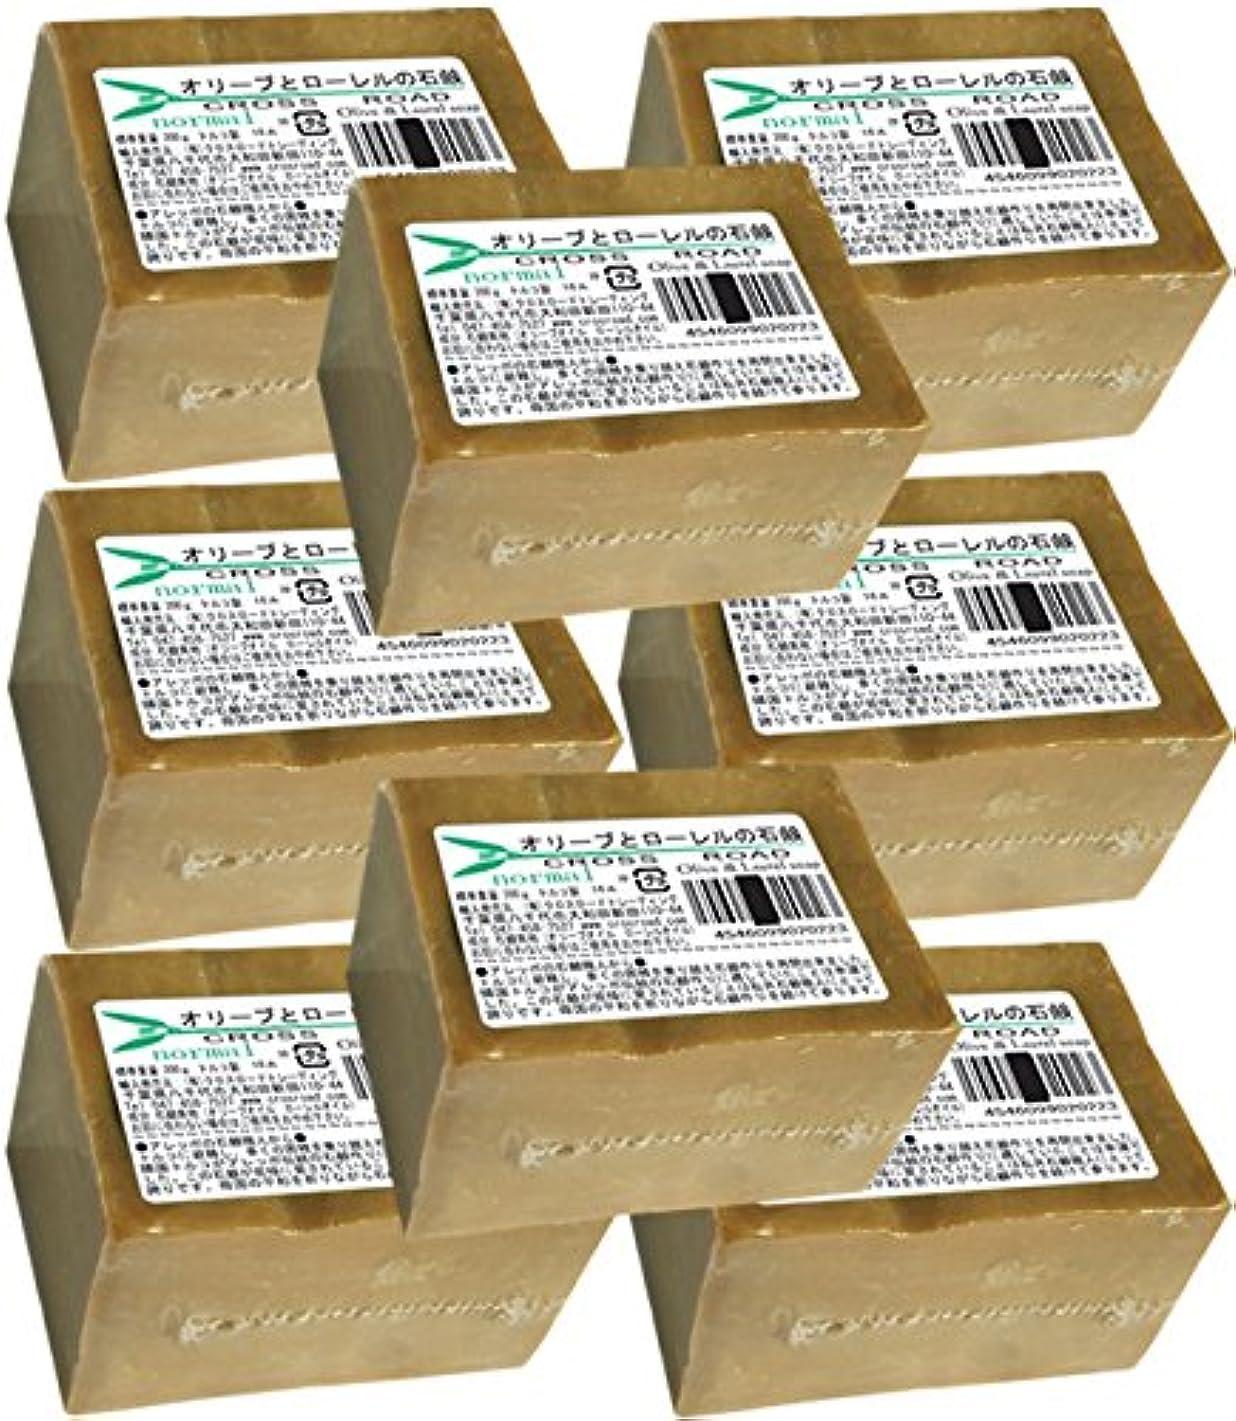 然とした報いるアサーオリーブとローレルの石鹸(ノーマル)8個セット[並行輸入品]